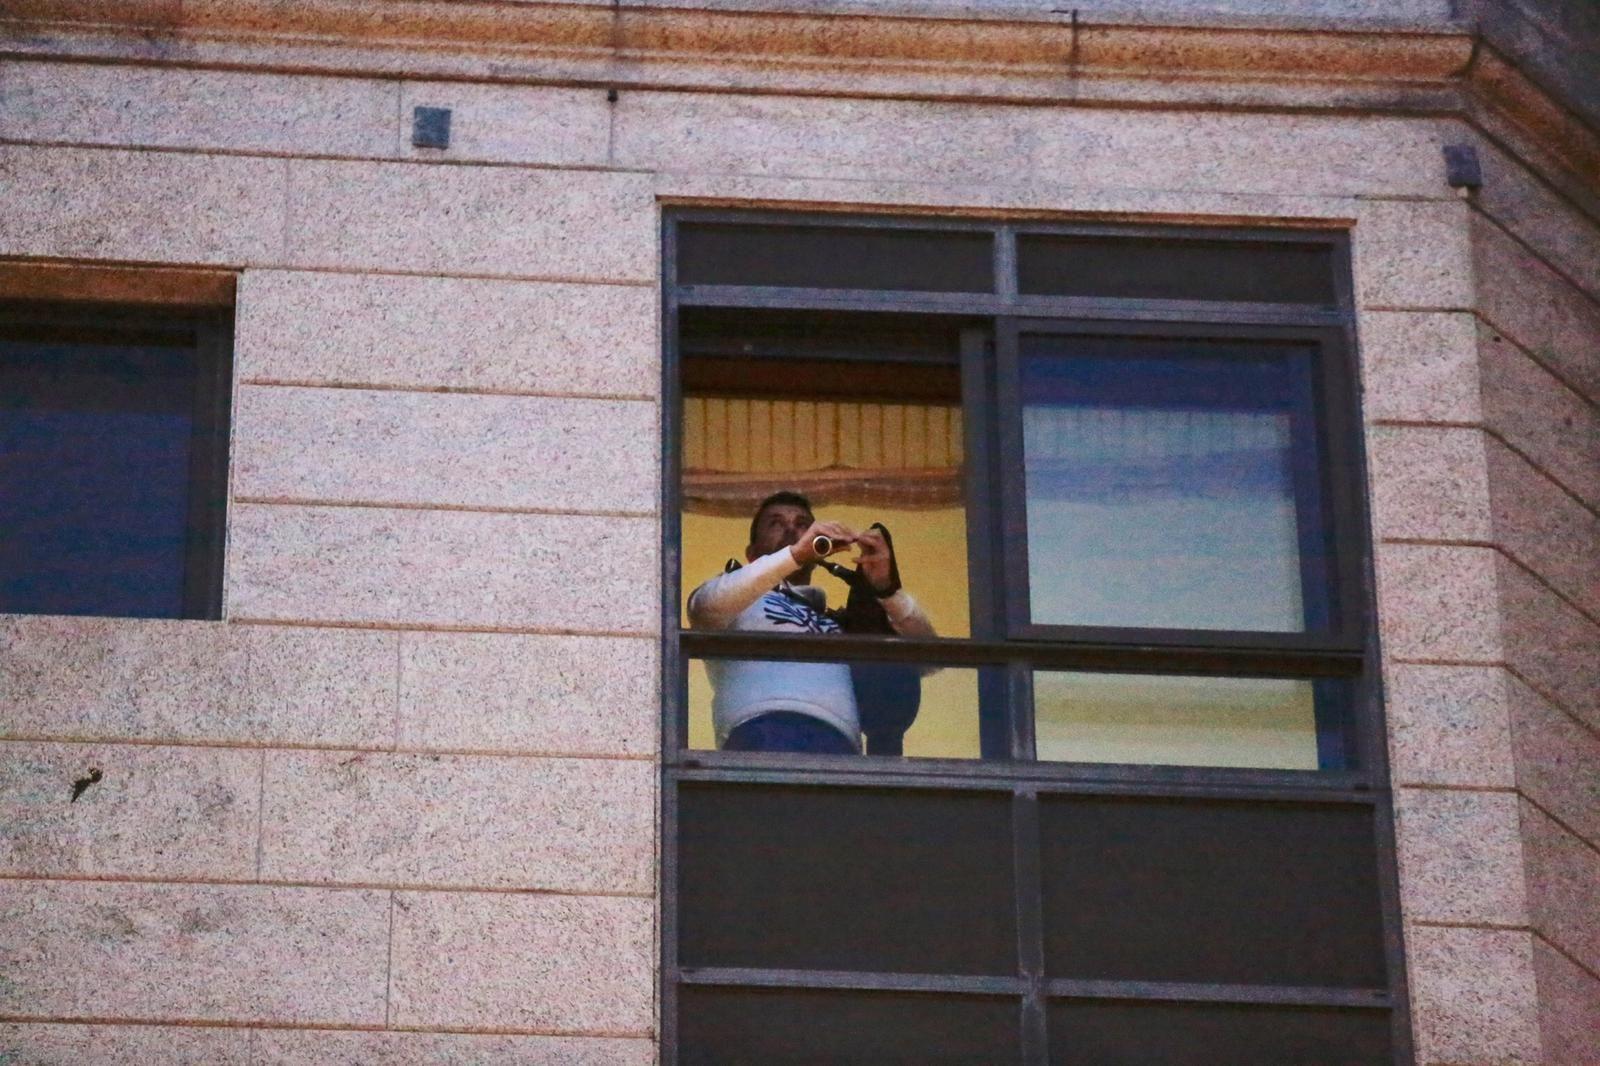 Un vecino de la avenida de Lugo, en Pontevedra, toca la gaita desde la ventana de su casa